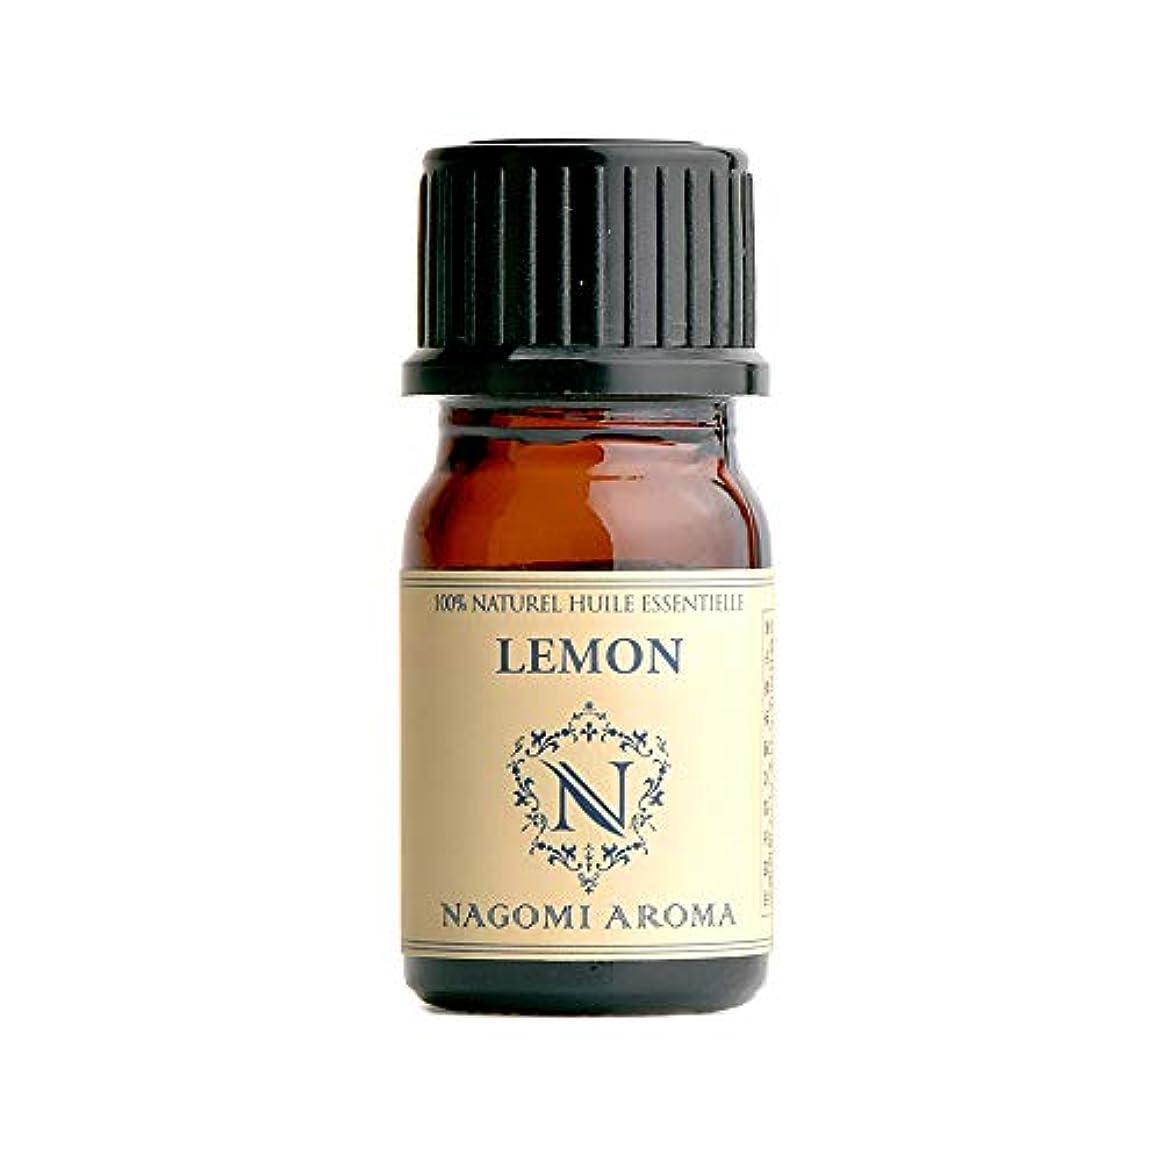 公爵く煙【AEAJ認定表示基準認定精油】NAGOMI PURE レモン 5ml 【エッセンシャルオイル】【精油】【アロマオイル】